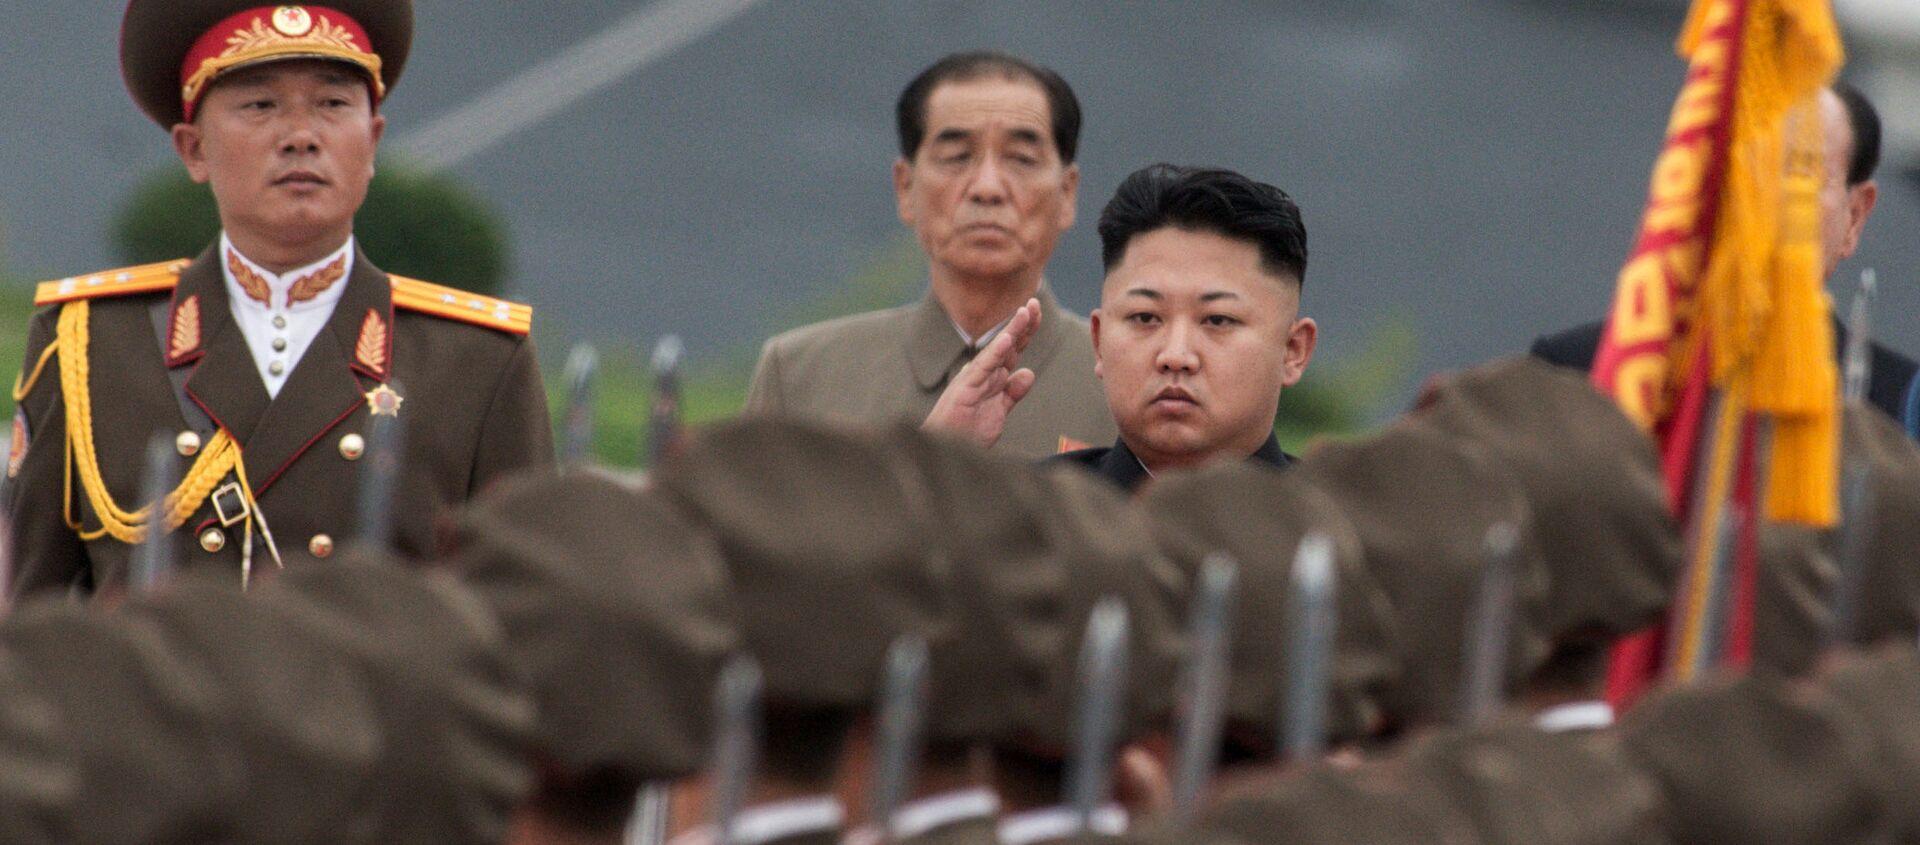 Quân đội của Bắc Triều Tiên với Kim Jong-un - Sputnik Việt Nam, 1920, 03.10.2017